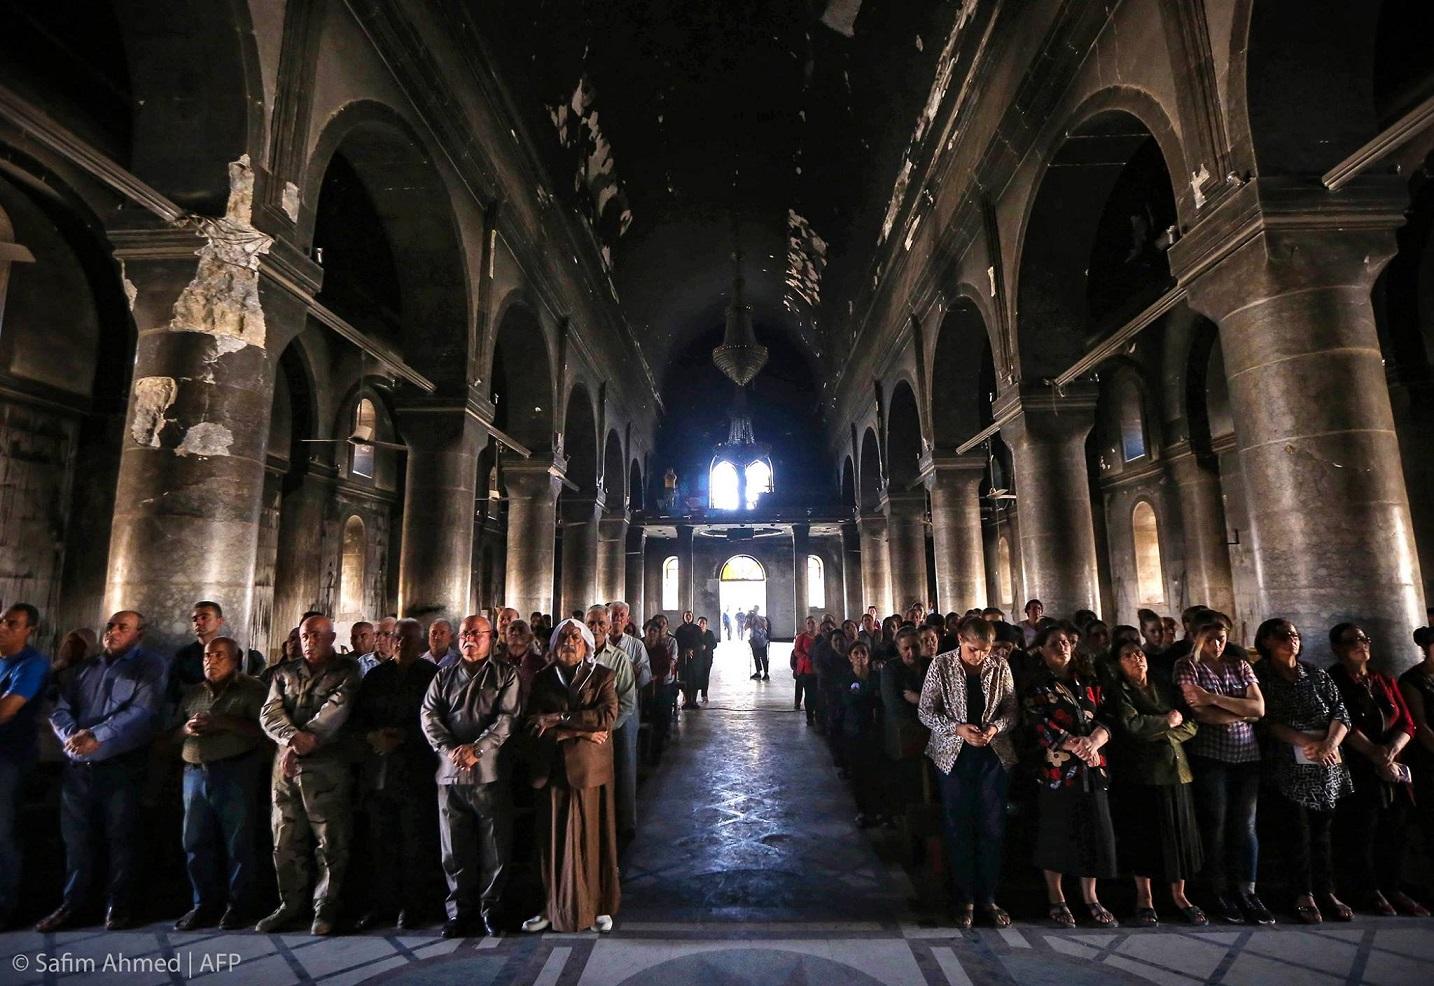 В общей сложности более 215 млн. христиан сегодня подвергаются преследованиям во всем мире